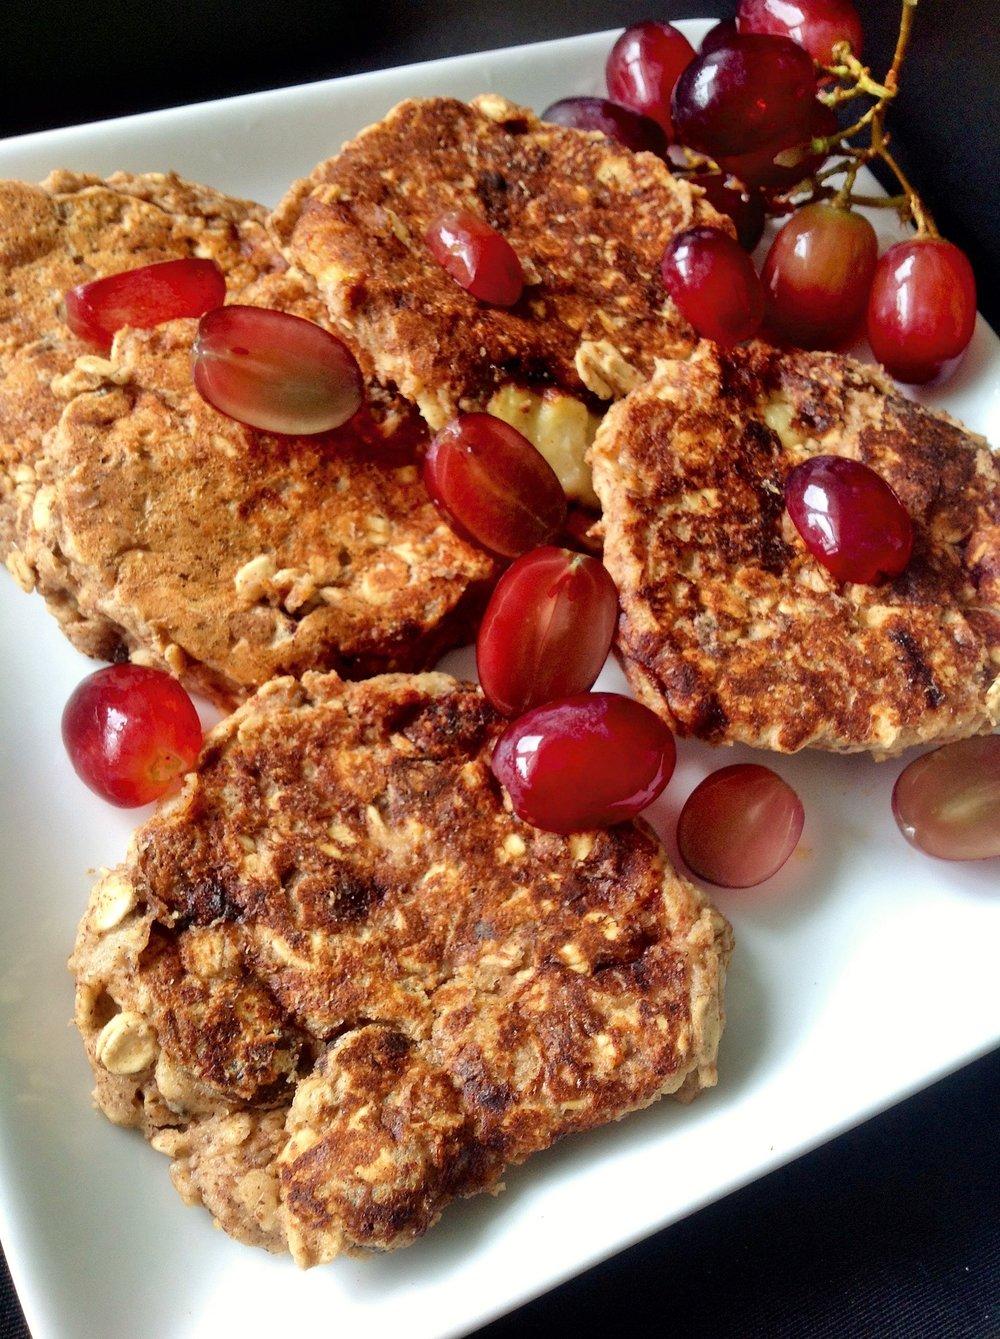 Gluten-Free Oatmeal Raisin Pancakes